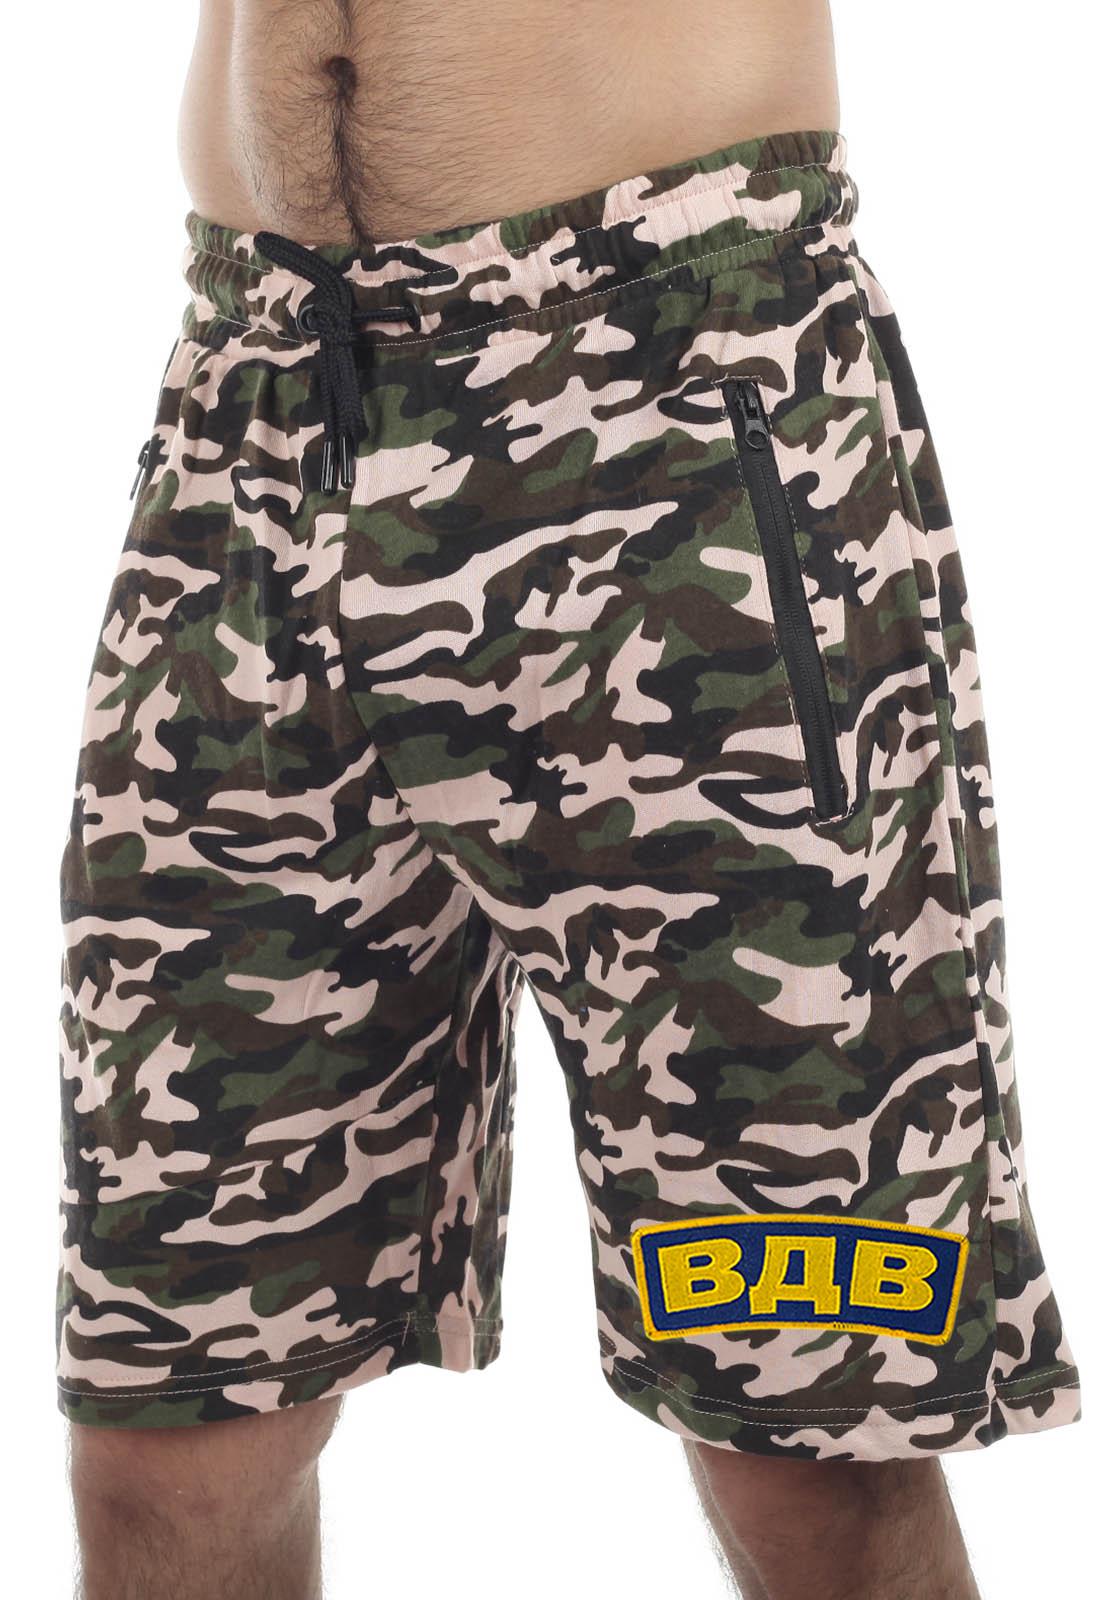 Купить в интернет магазине мужские камуфляжные шорты ВДВ